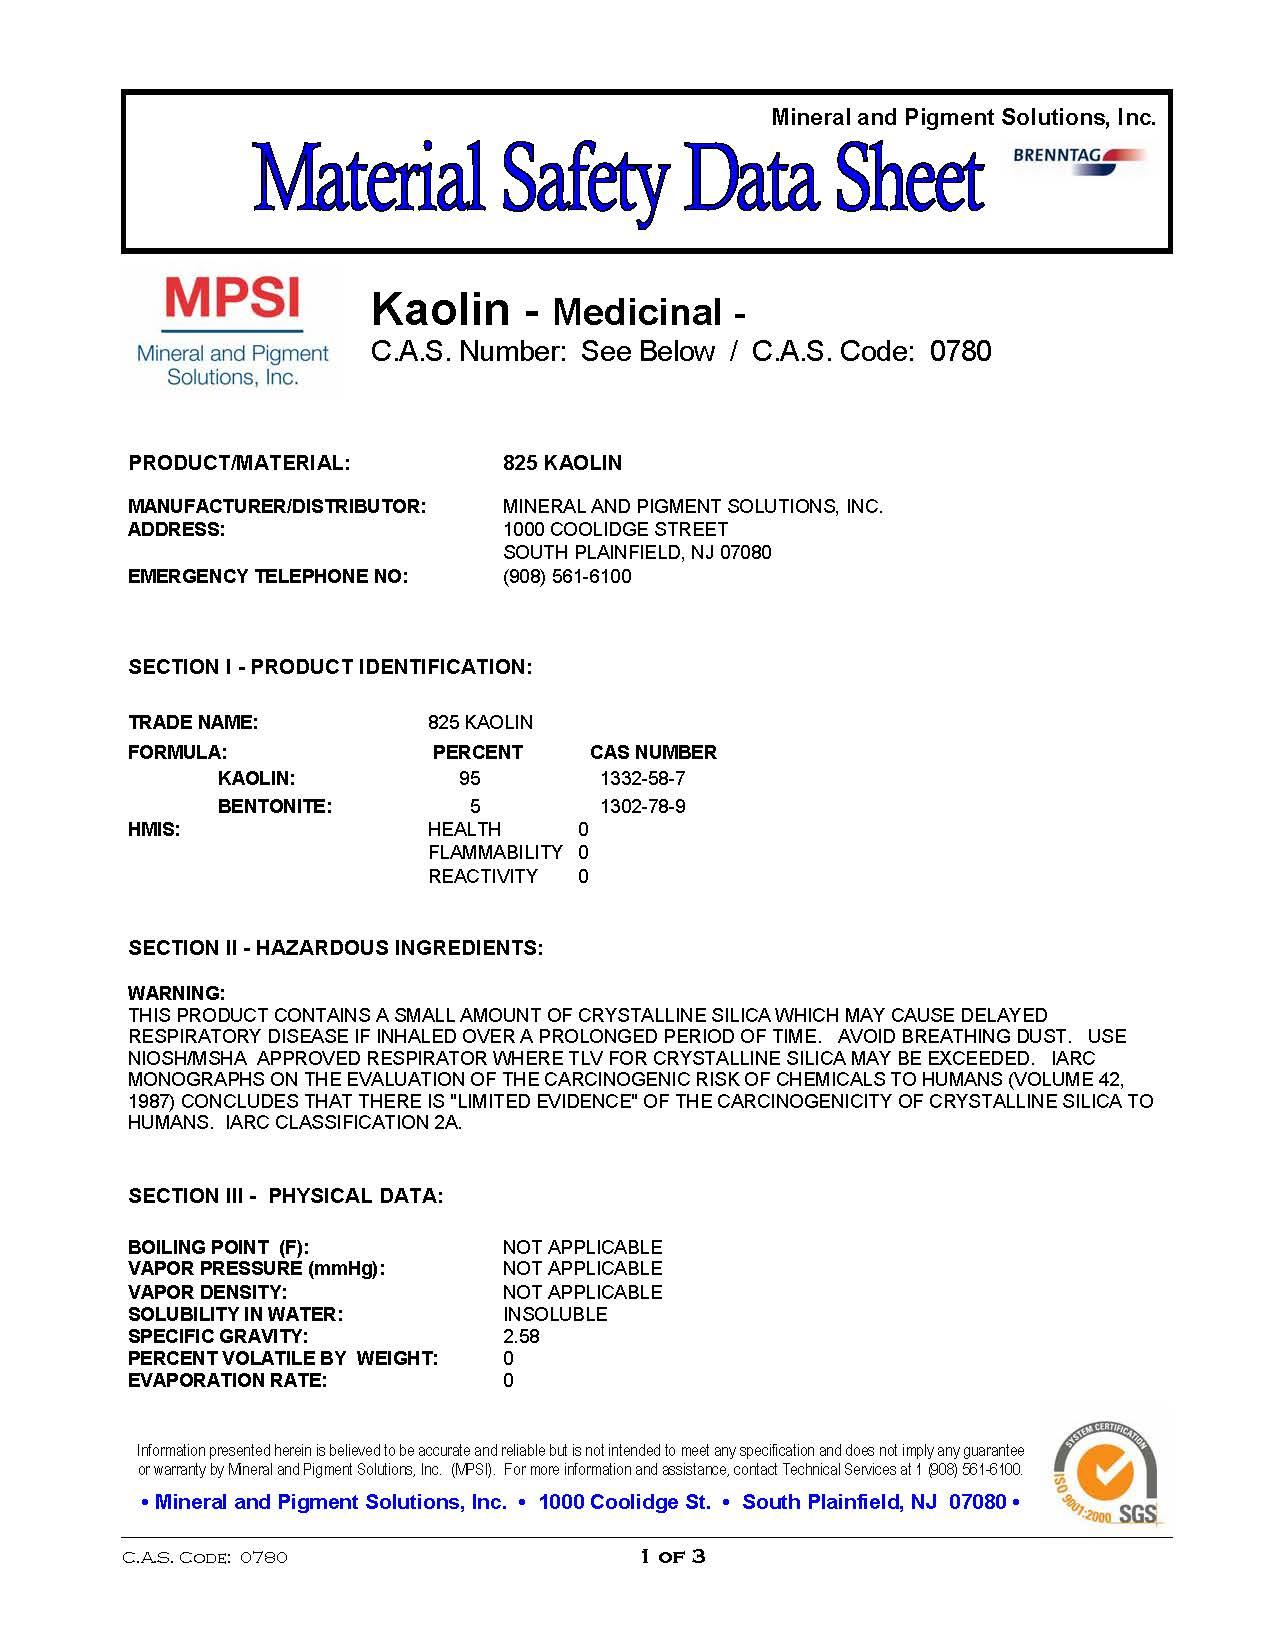 MSDS Kaolin Clay-Medicinal Page 1